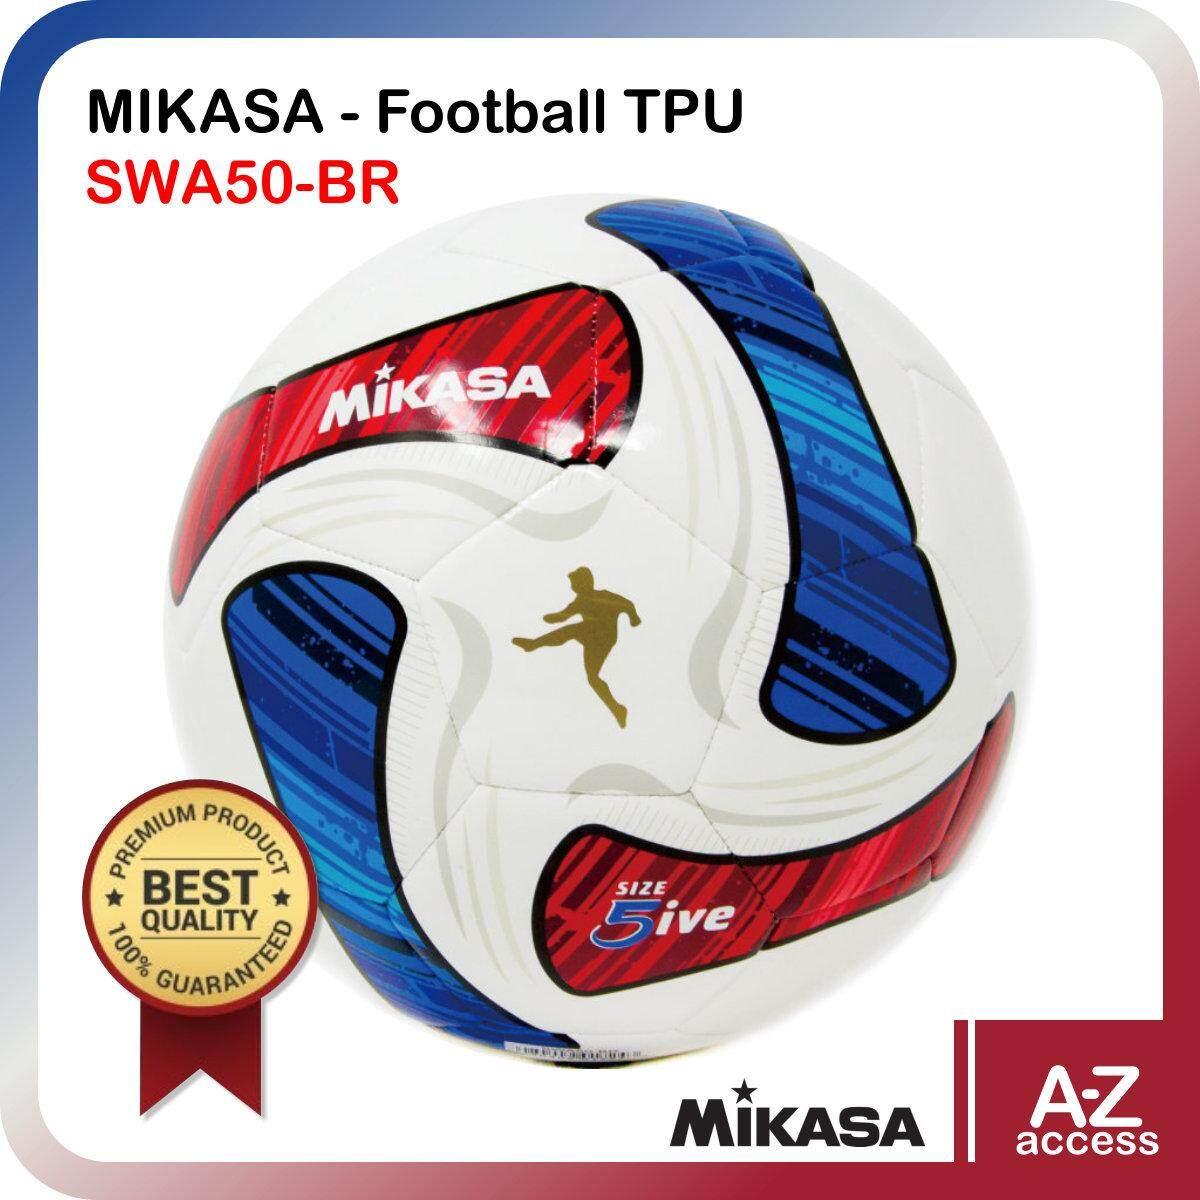 ยี่ห้อไหนดี  ประจวบคีรีขันธ์ MIKASA ฟุตบอลหนังเย็บ มิกาซ่า Football TPU SWA50